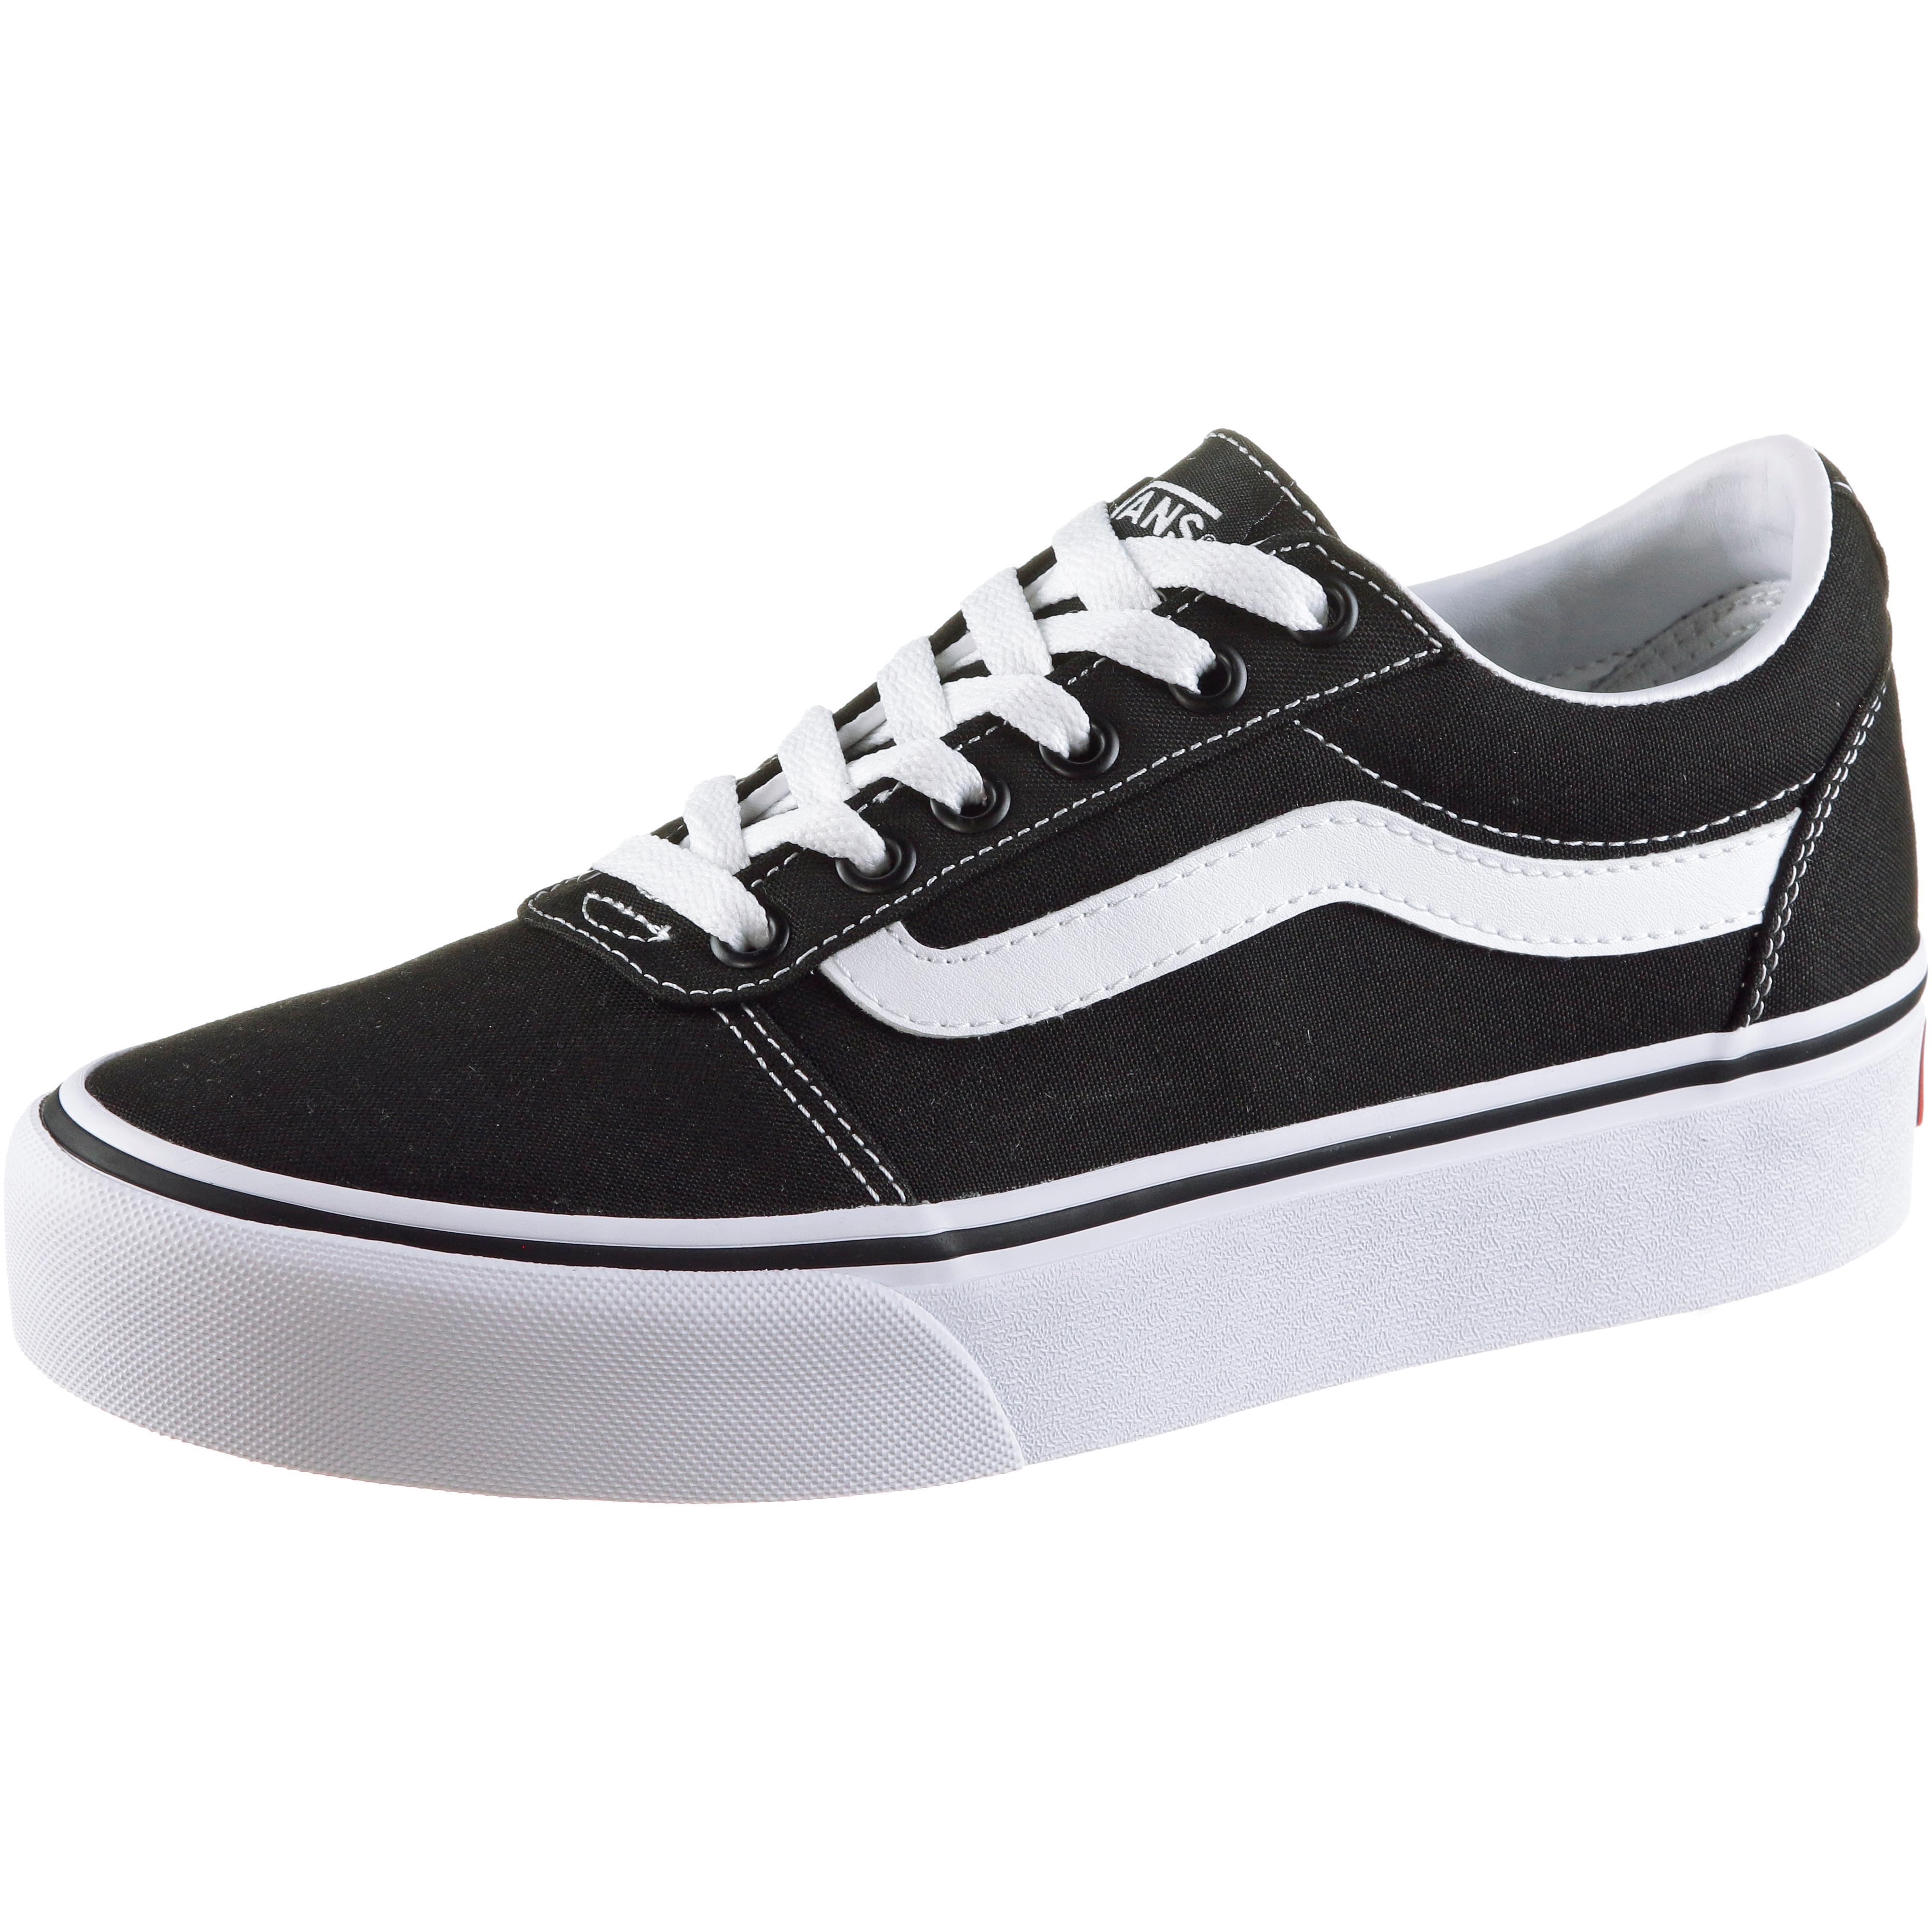 Vans Ward Platform Turnschuhe Damen schwarz-Weiß im Online Shop von SportScheck kaufen Gute Qualität beliebte Schuhe